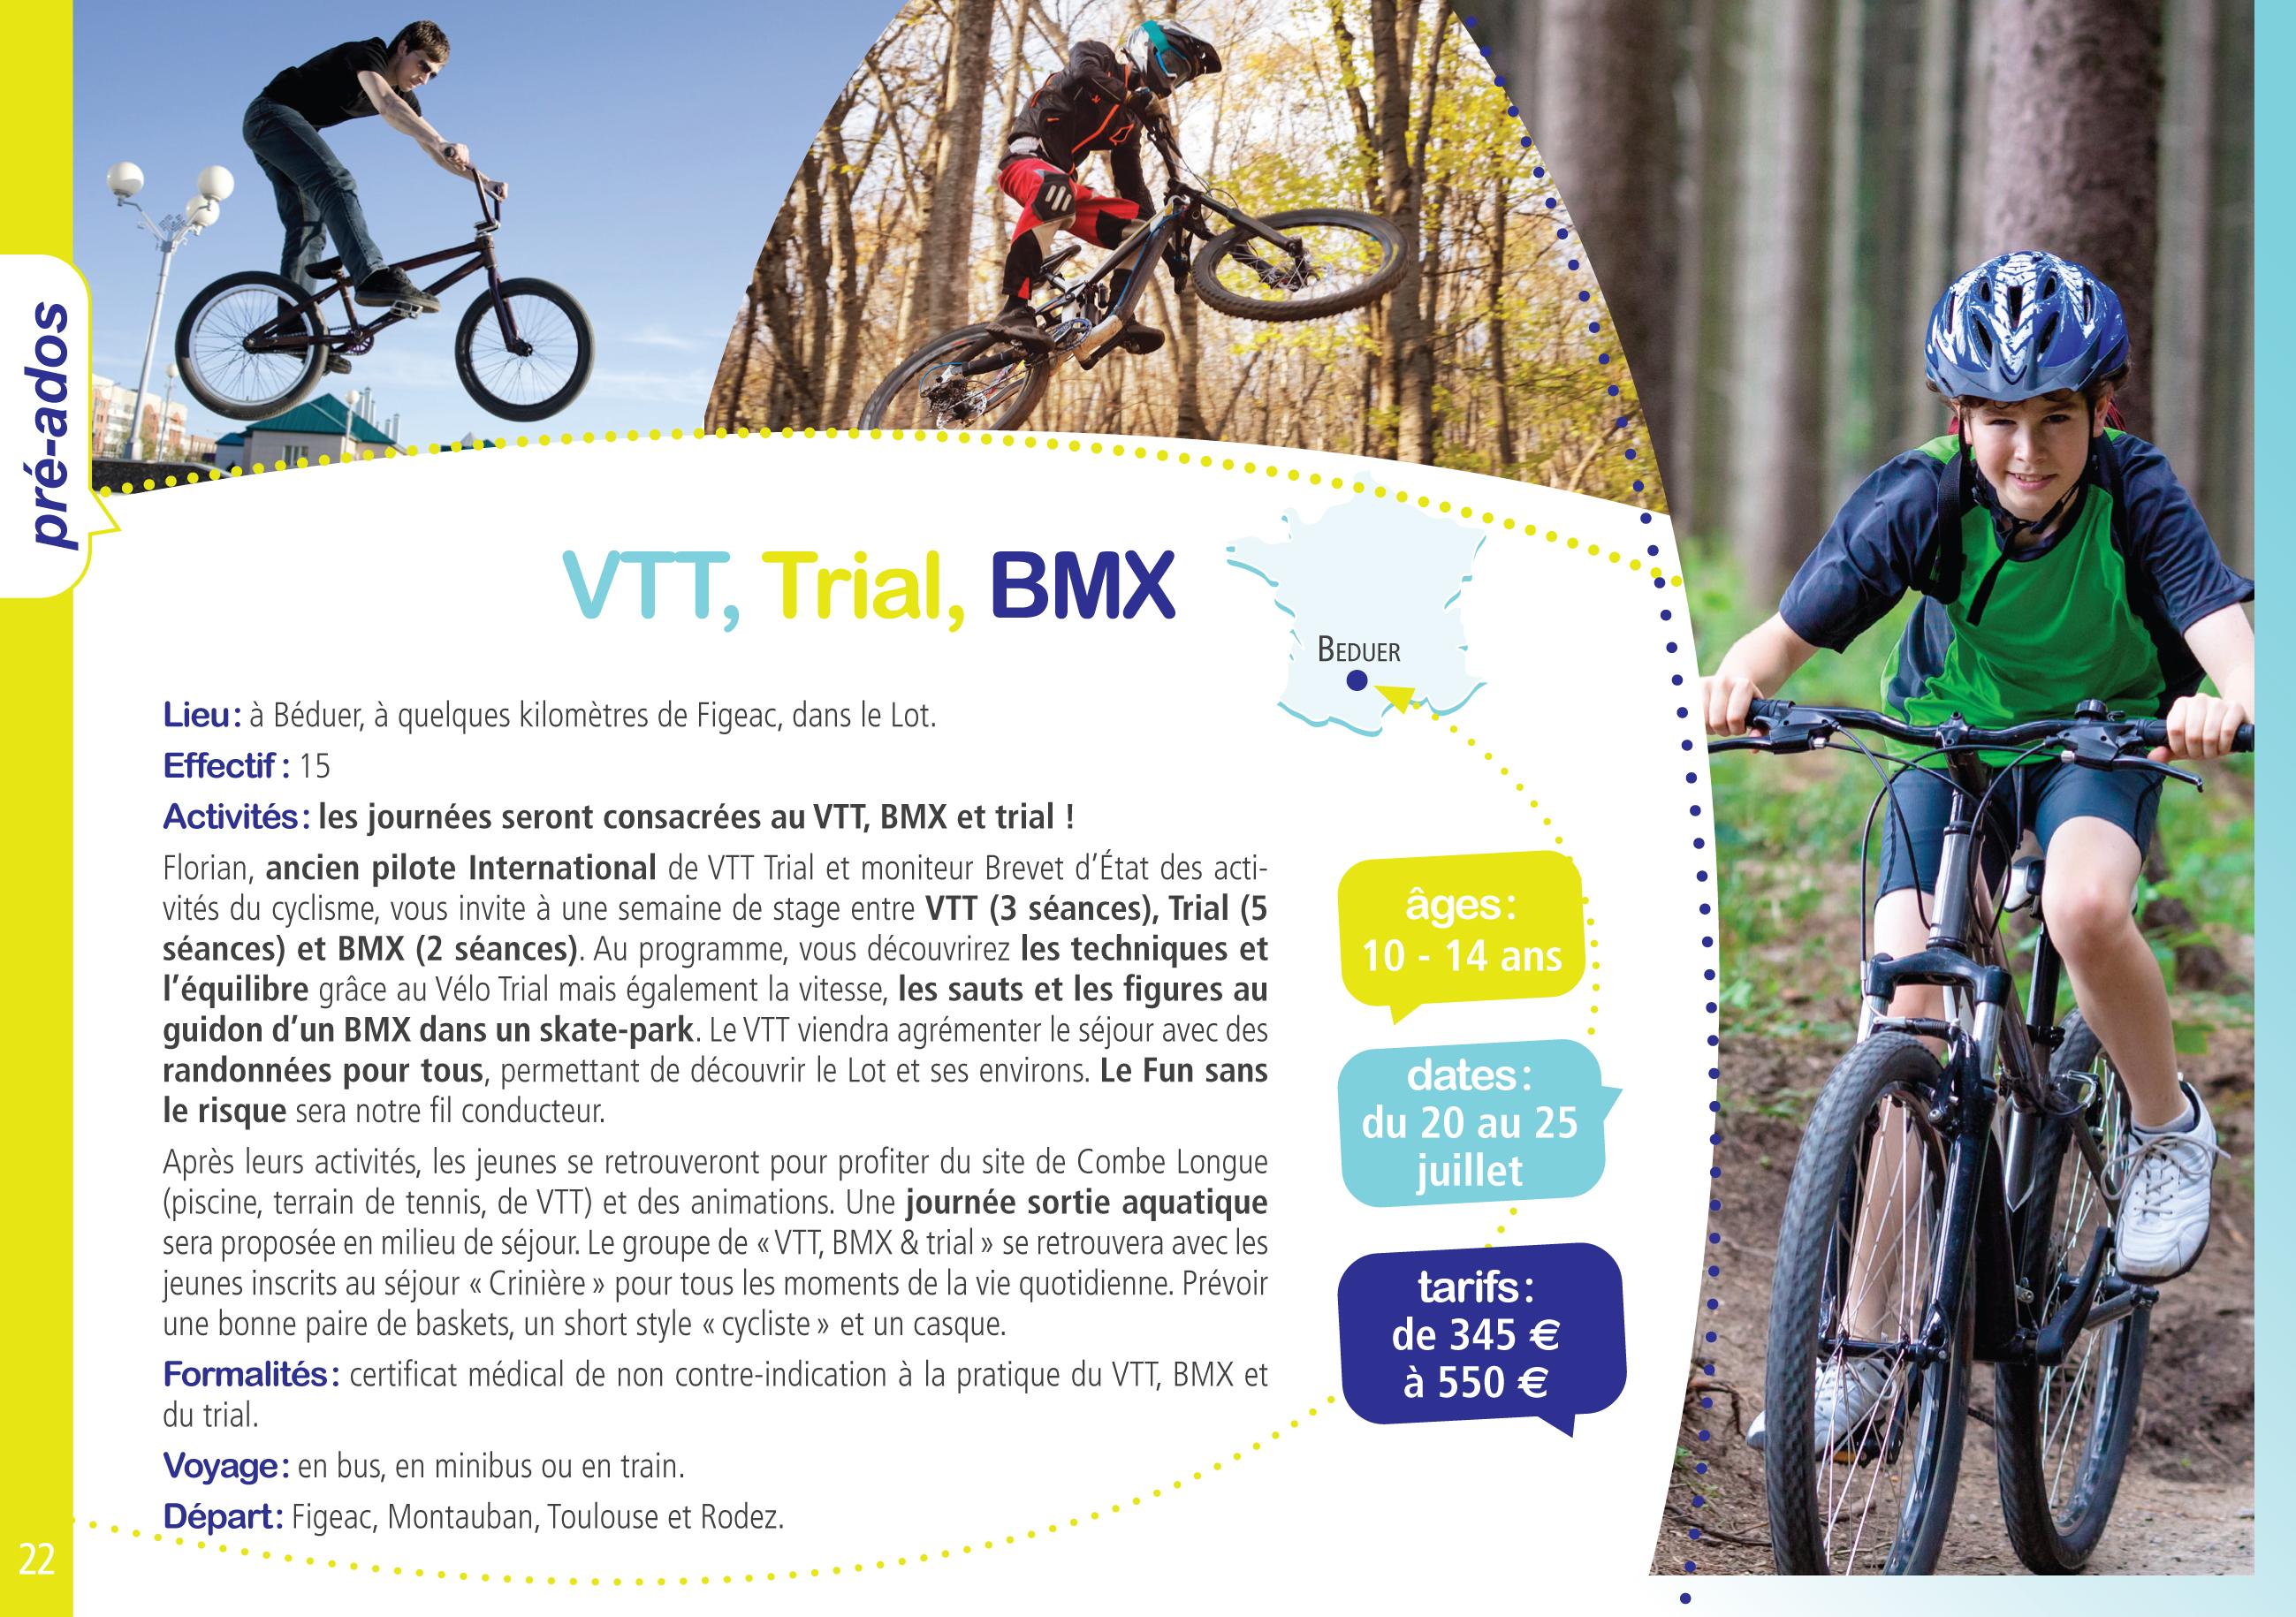 vtt trial et bmx